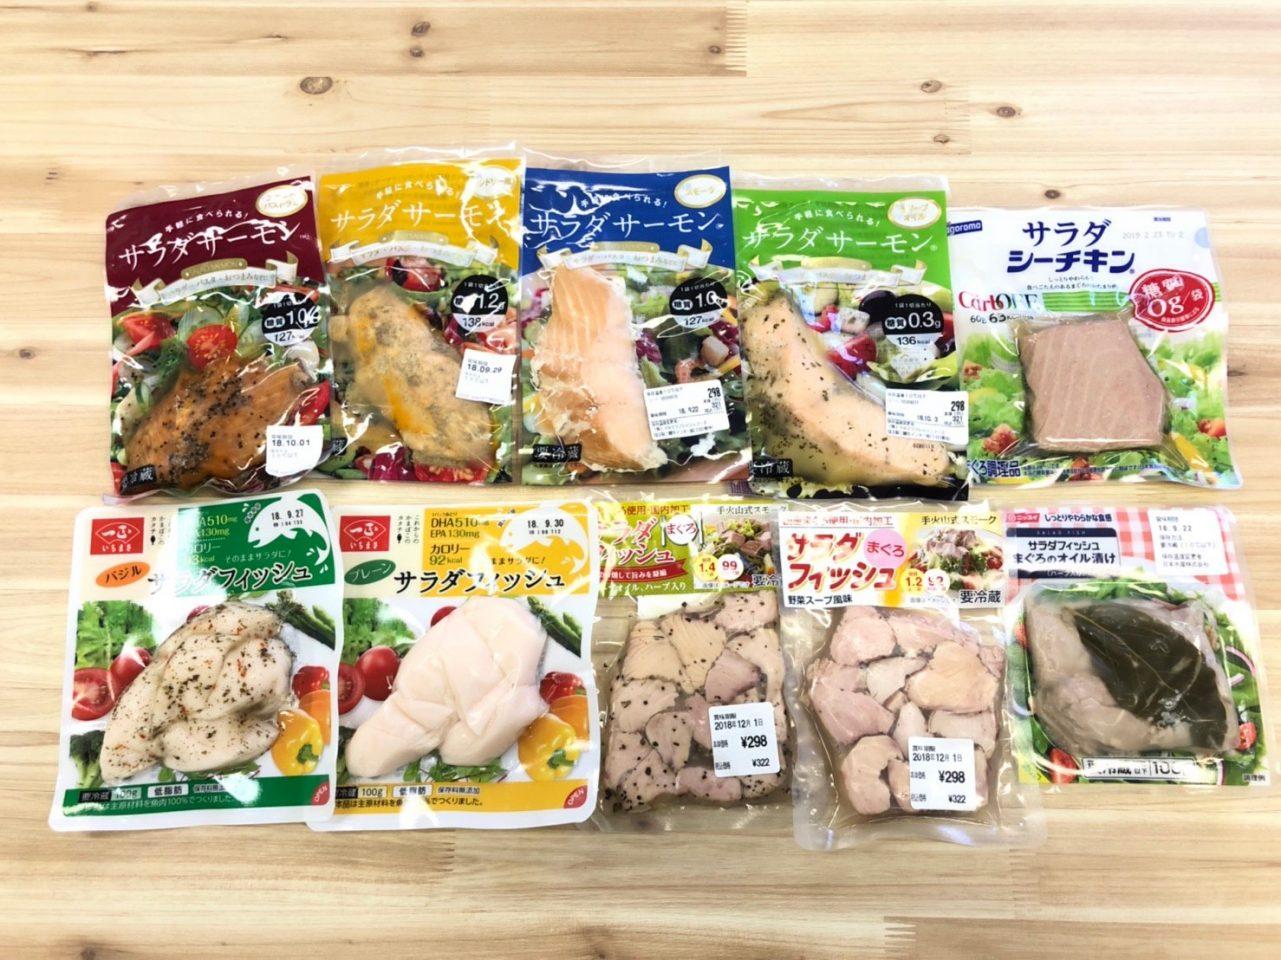 サラダチキンの次は「魚」? サラダフィッシュ9種類の味や食感を食べ比べてみた